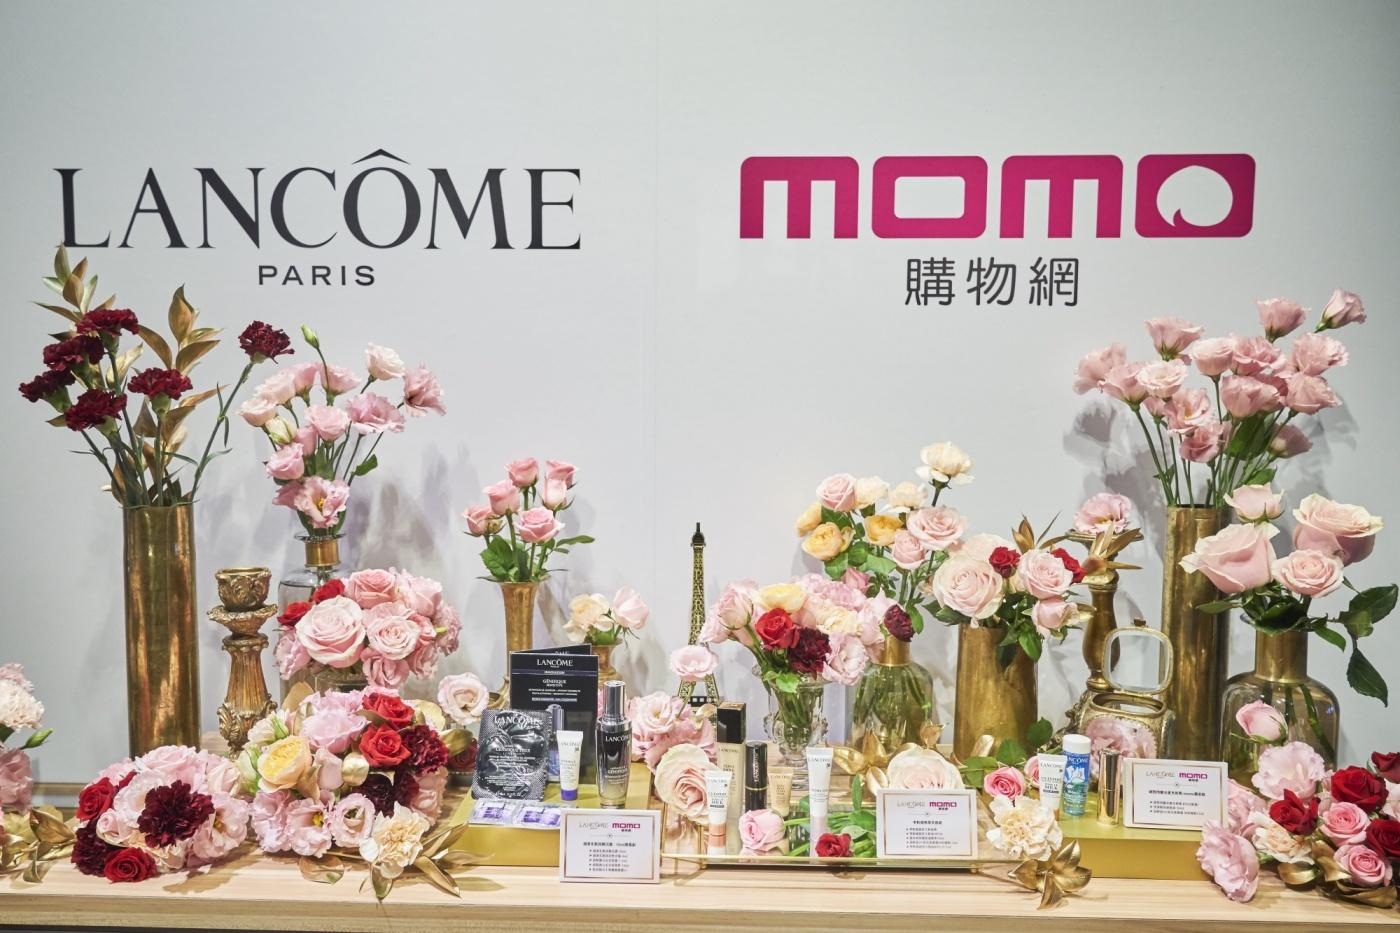 百年美妝品牌參戰新零售,台灣萊雅牽手momo搶攻線上商機